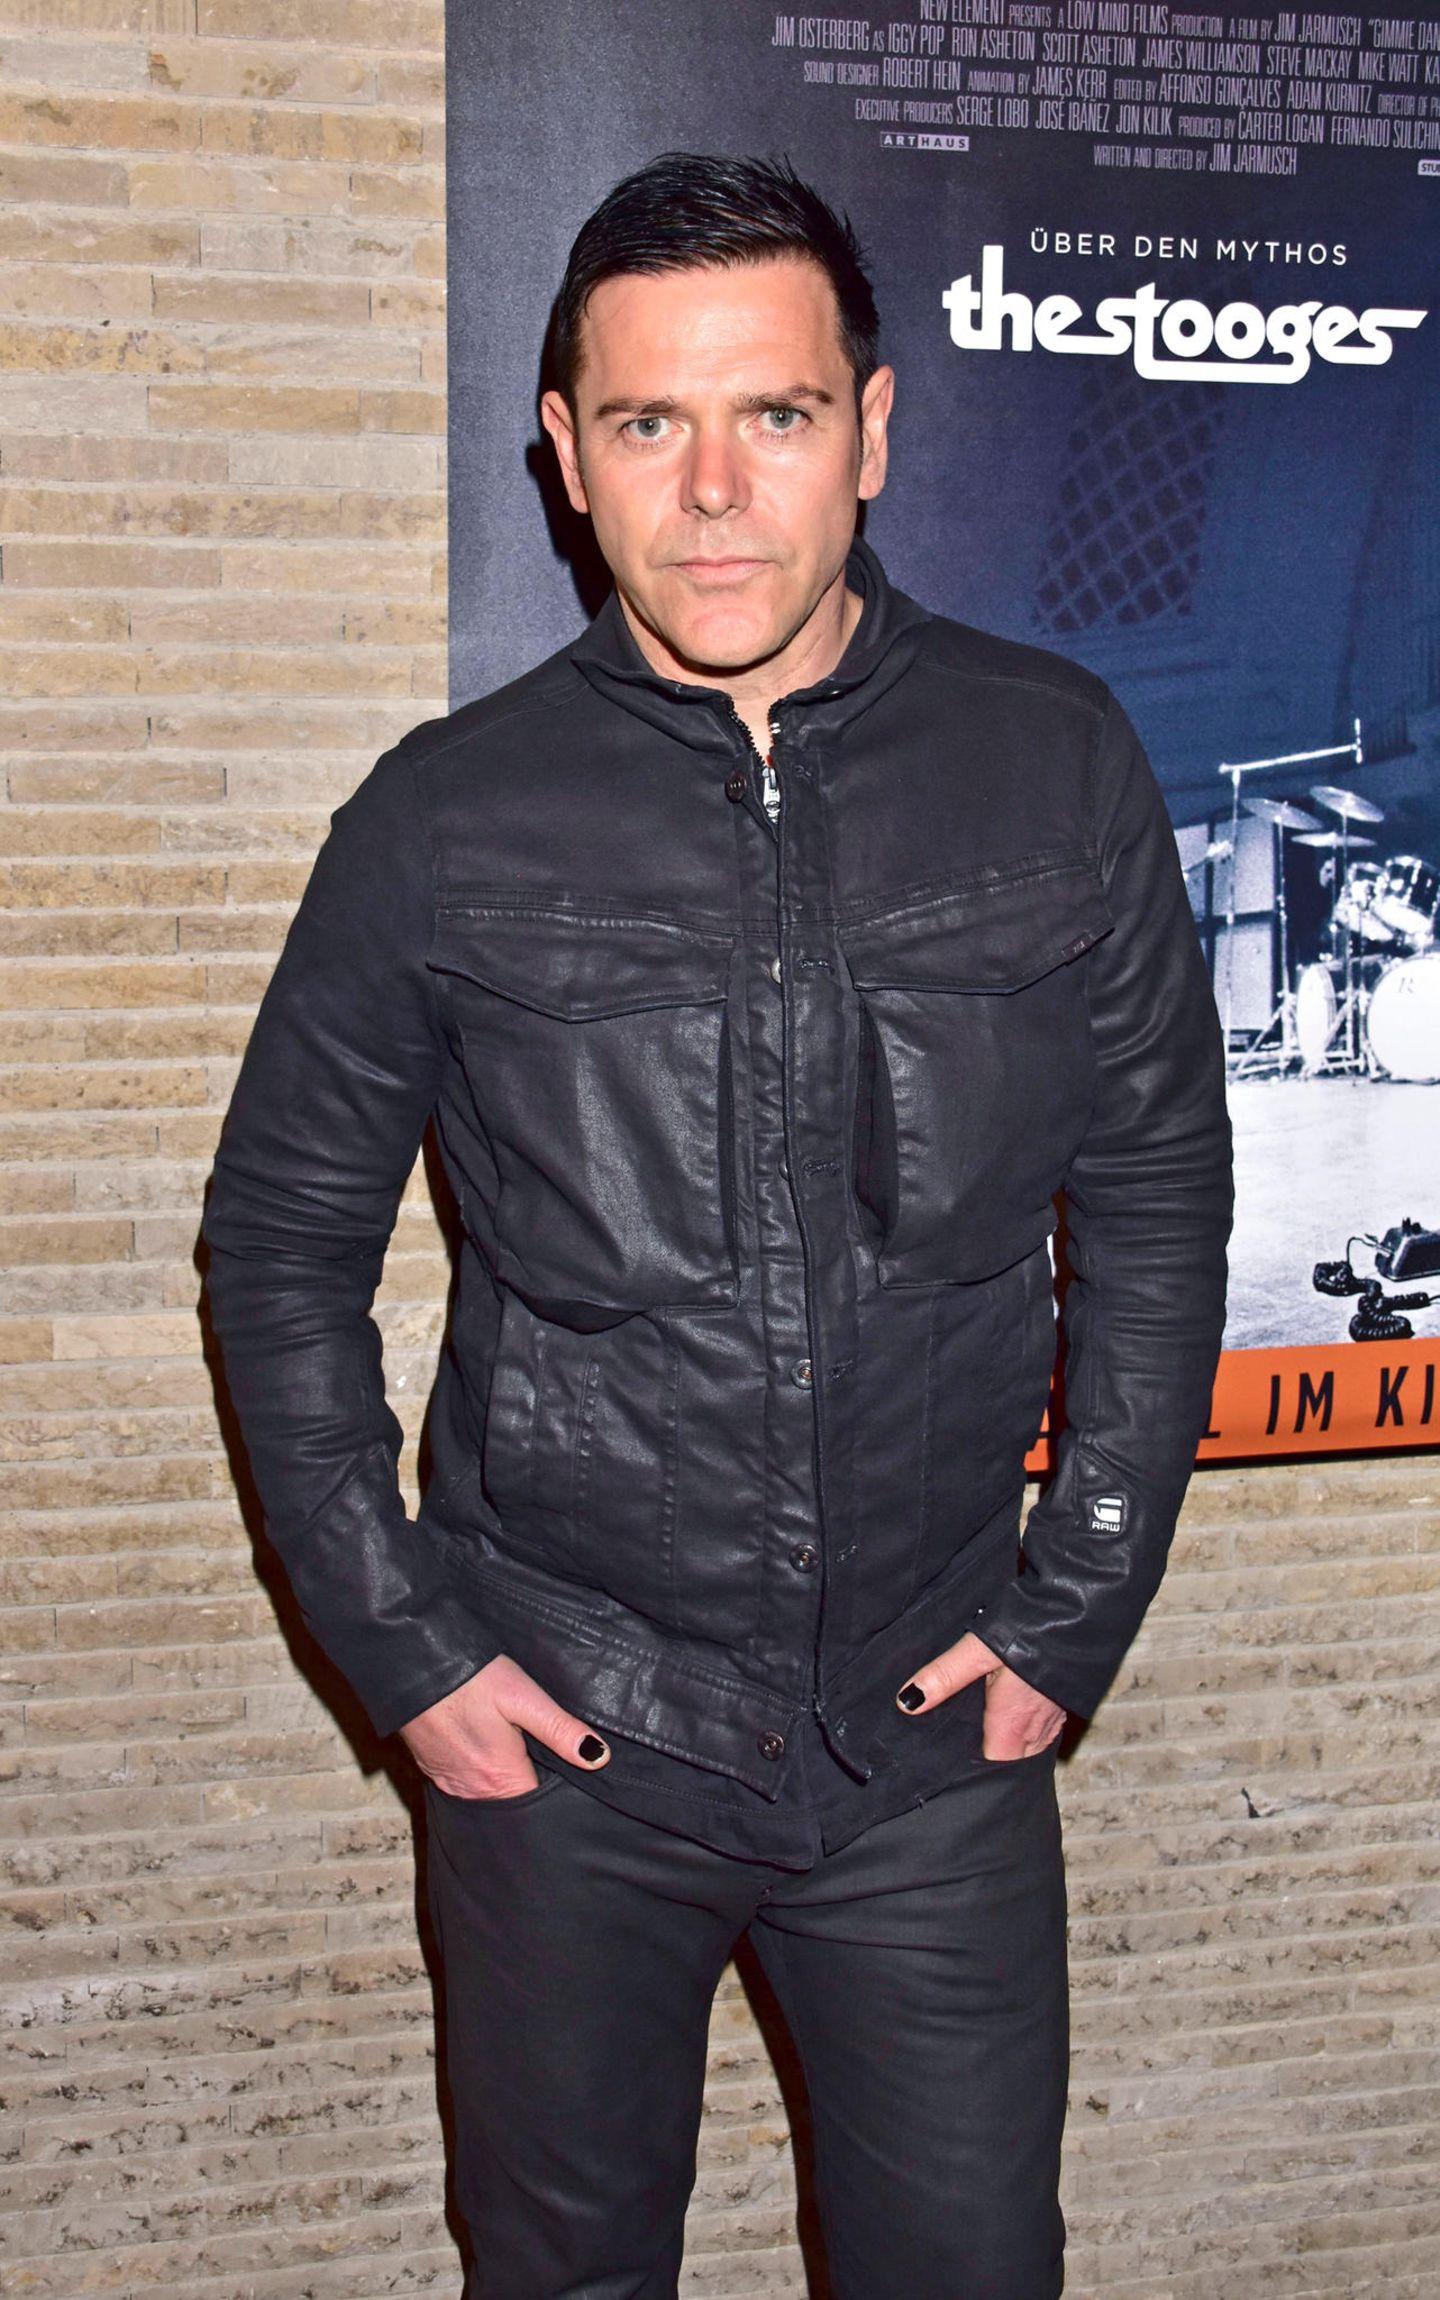 Richard Krupse von Rammstein